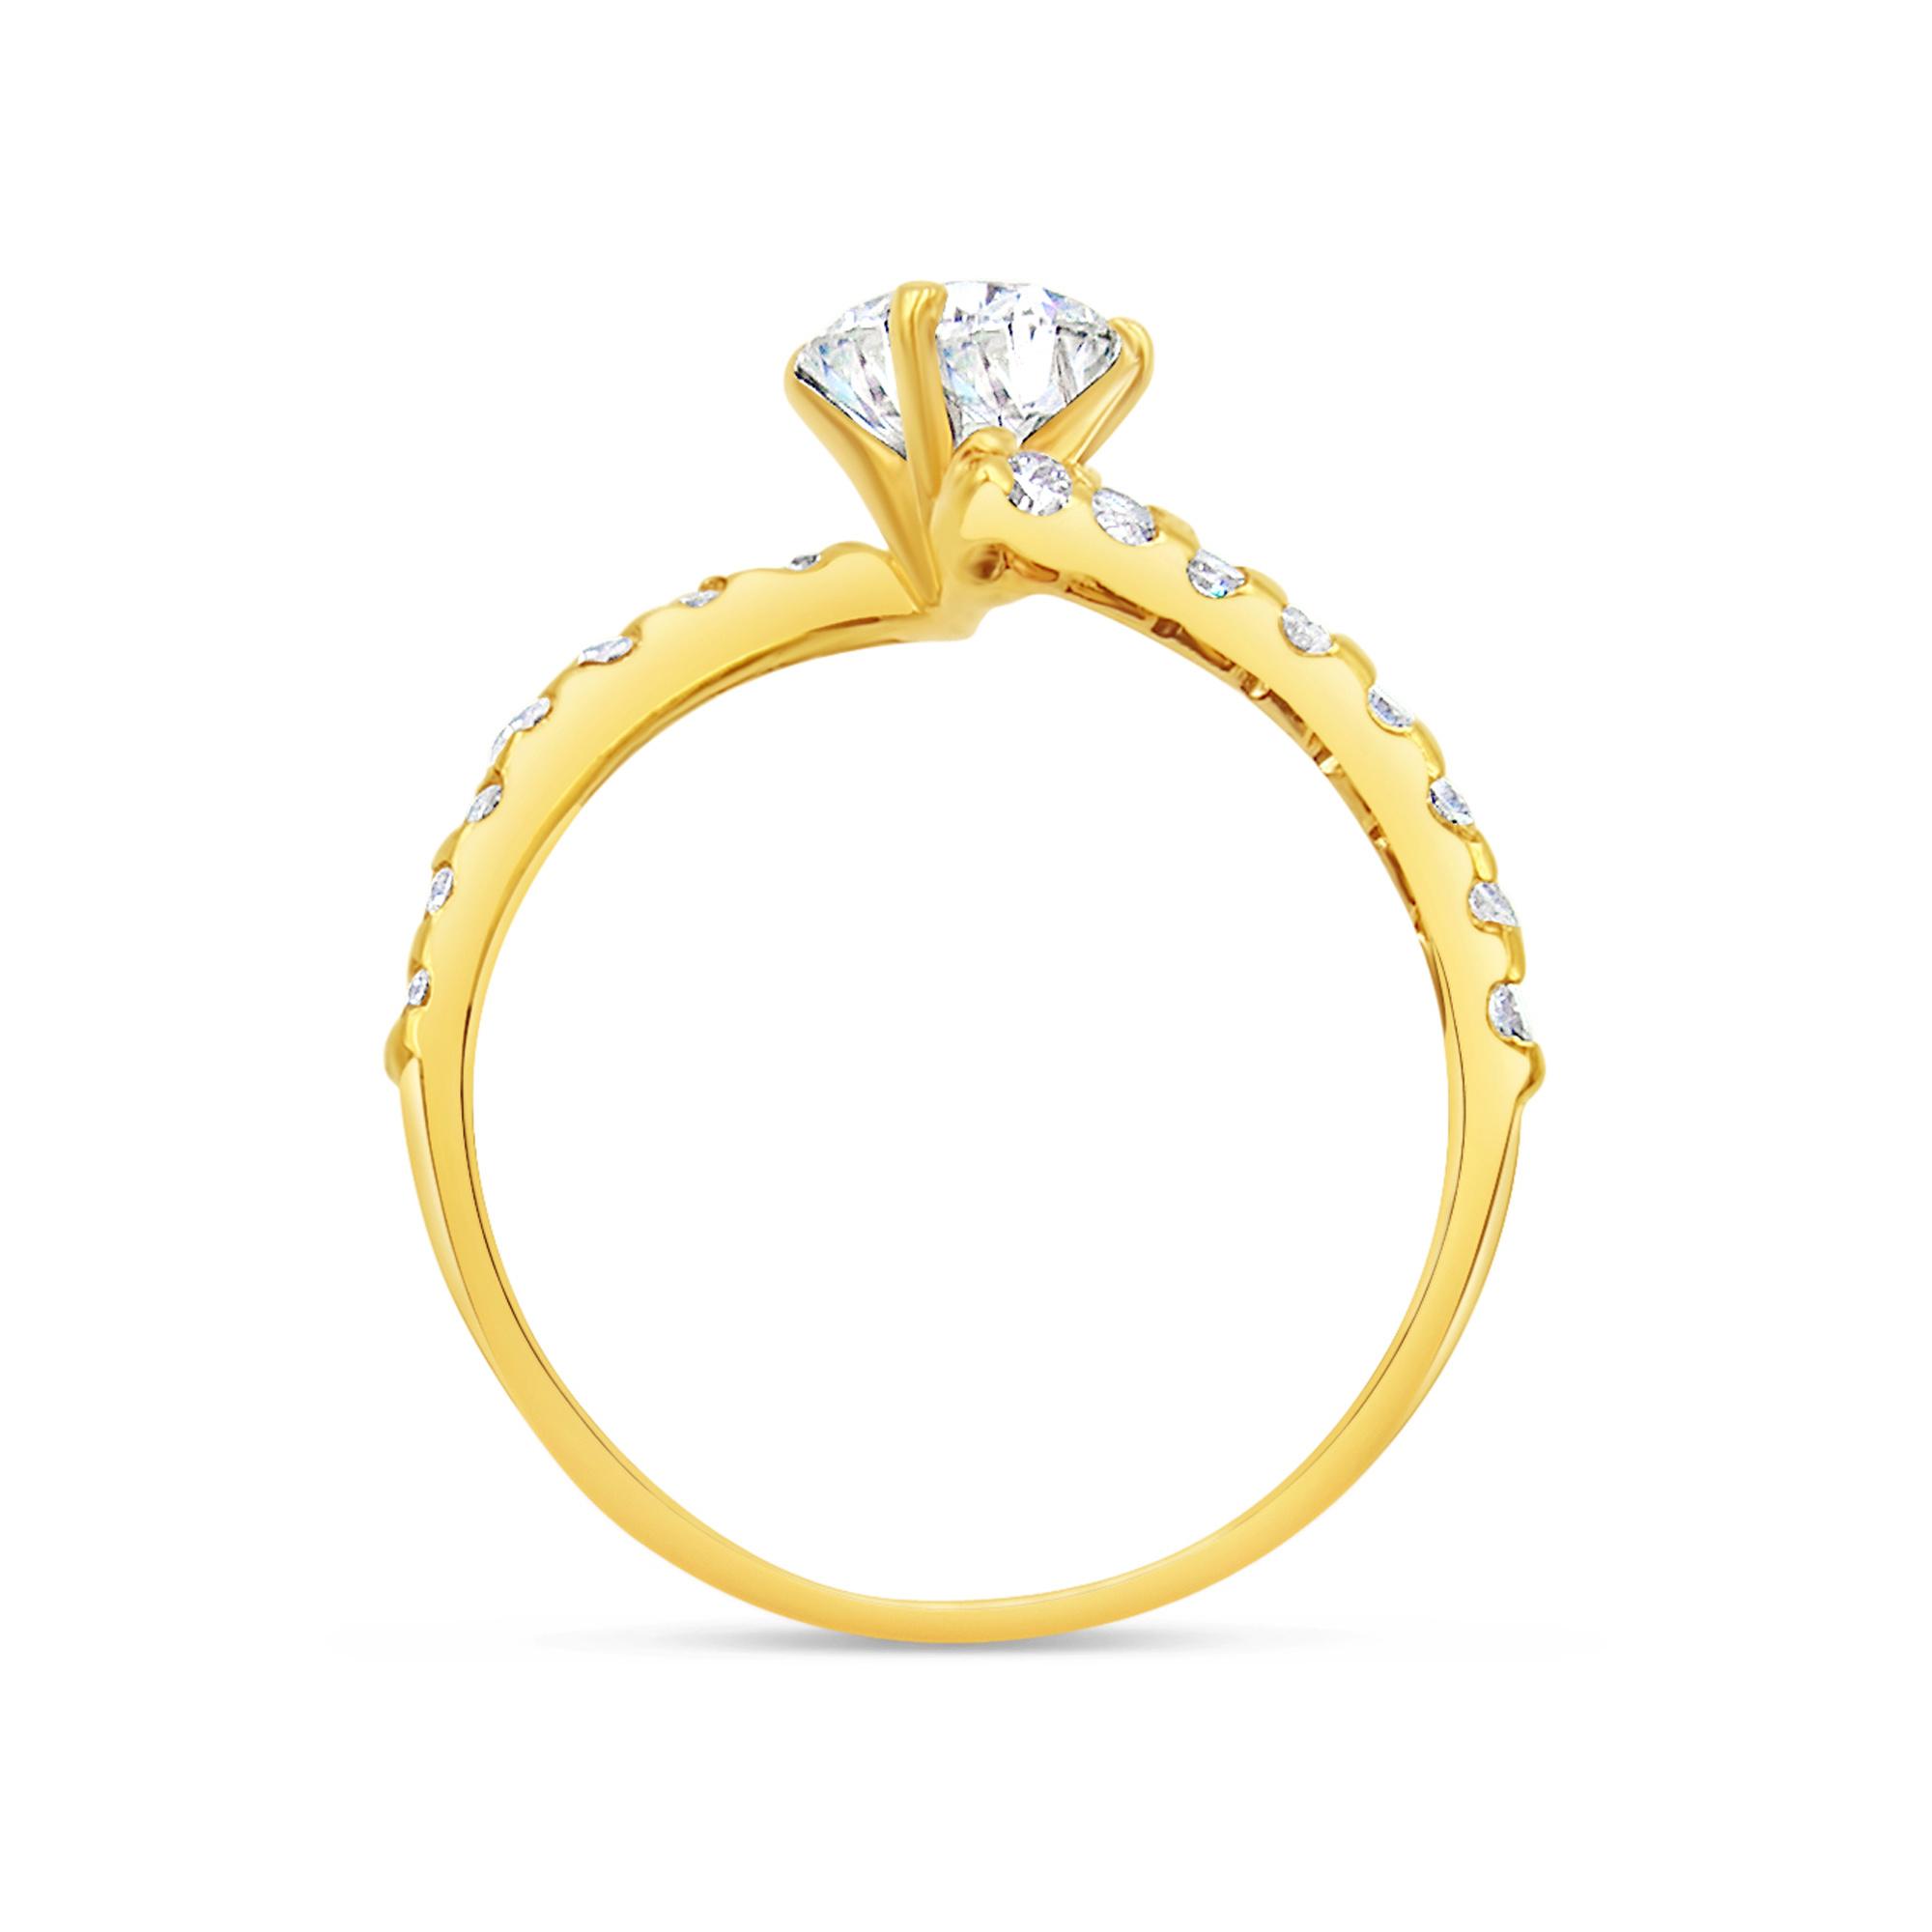 18kt geel goud verlovingsring met 1.23 ct diamanten